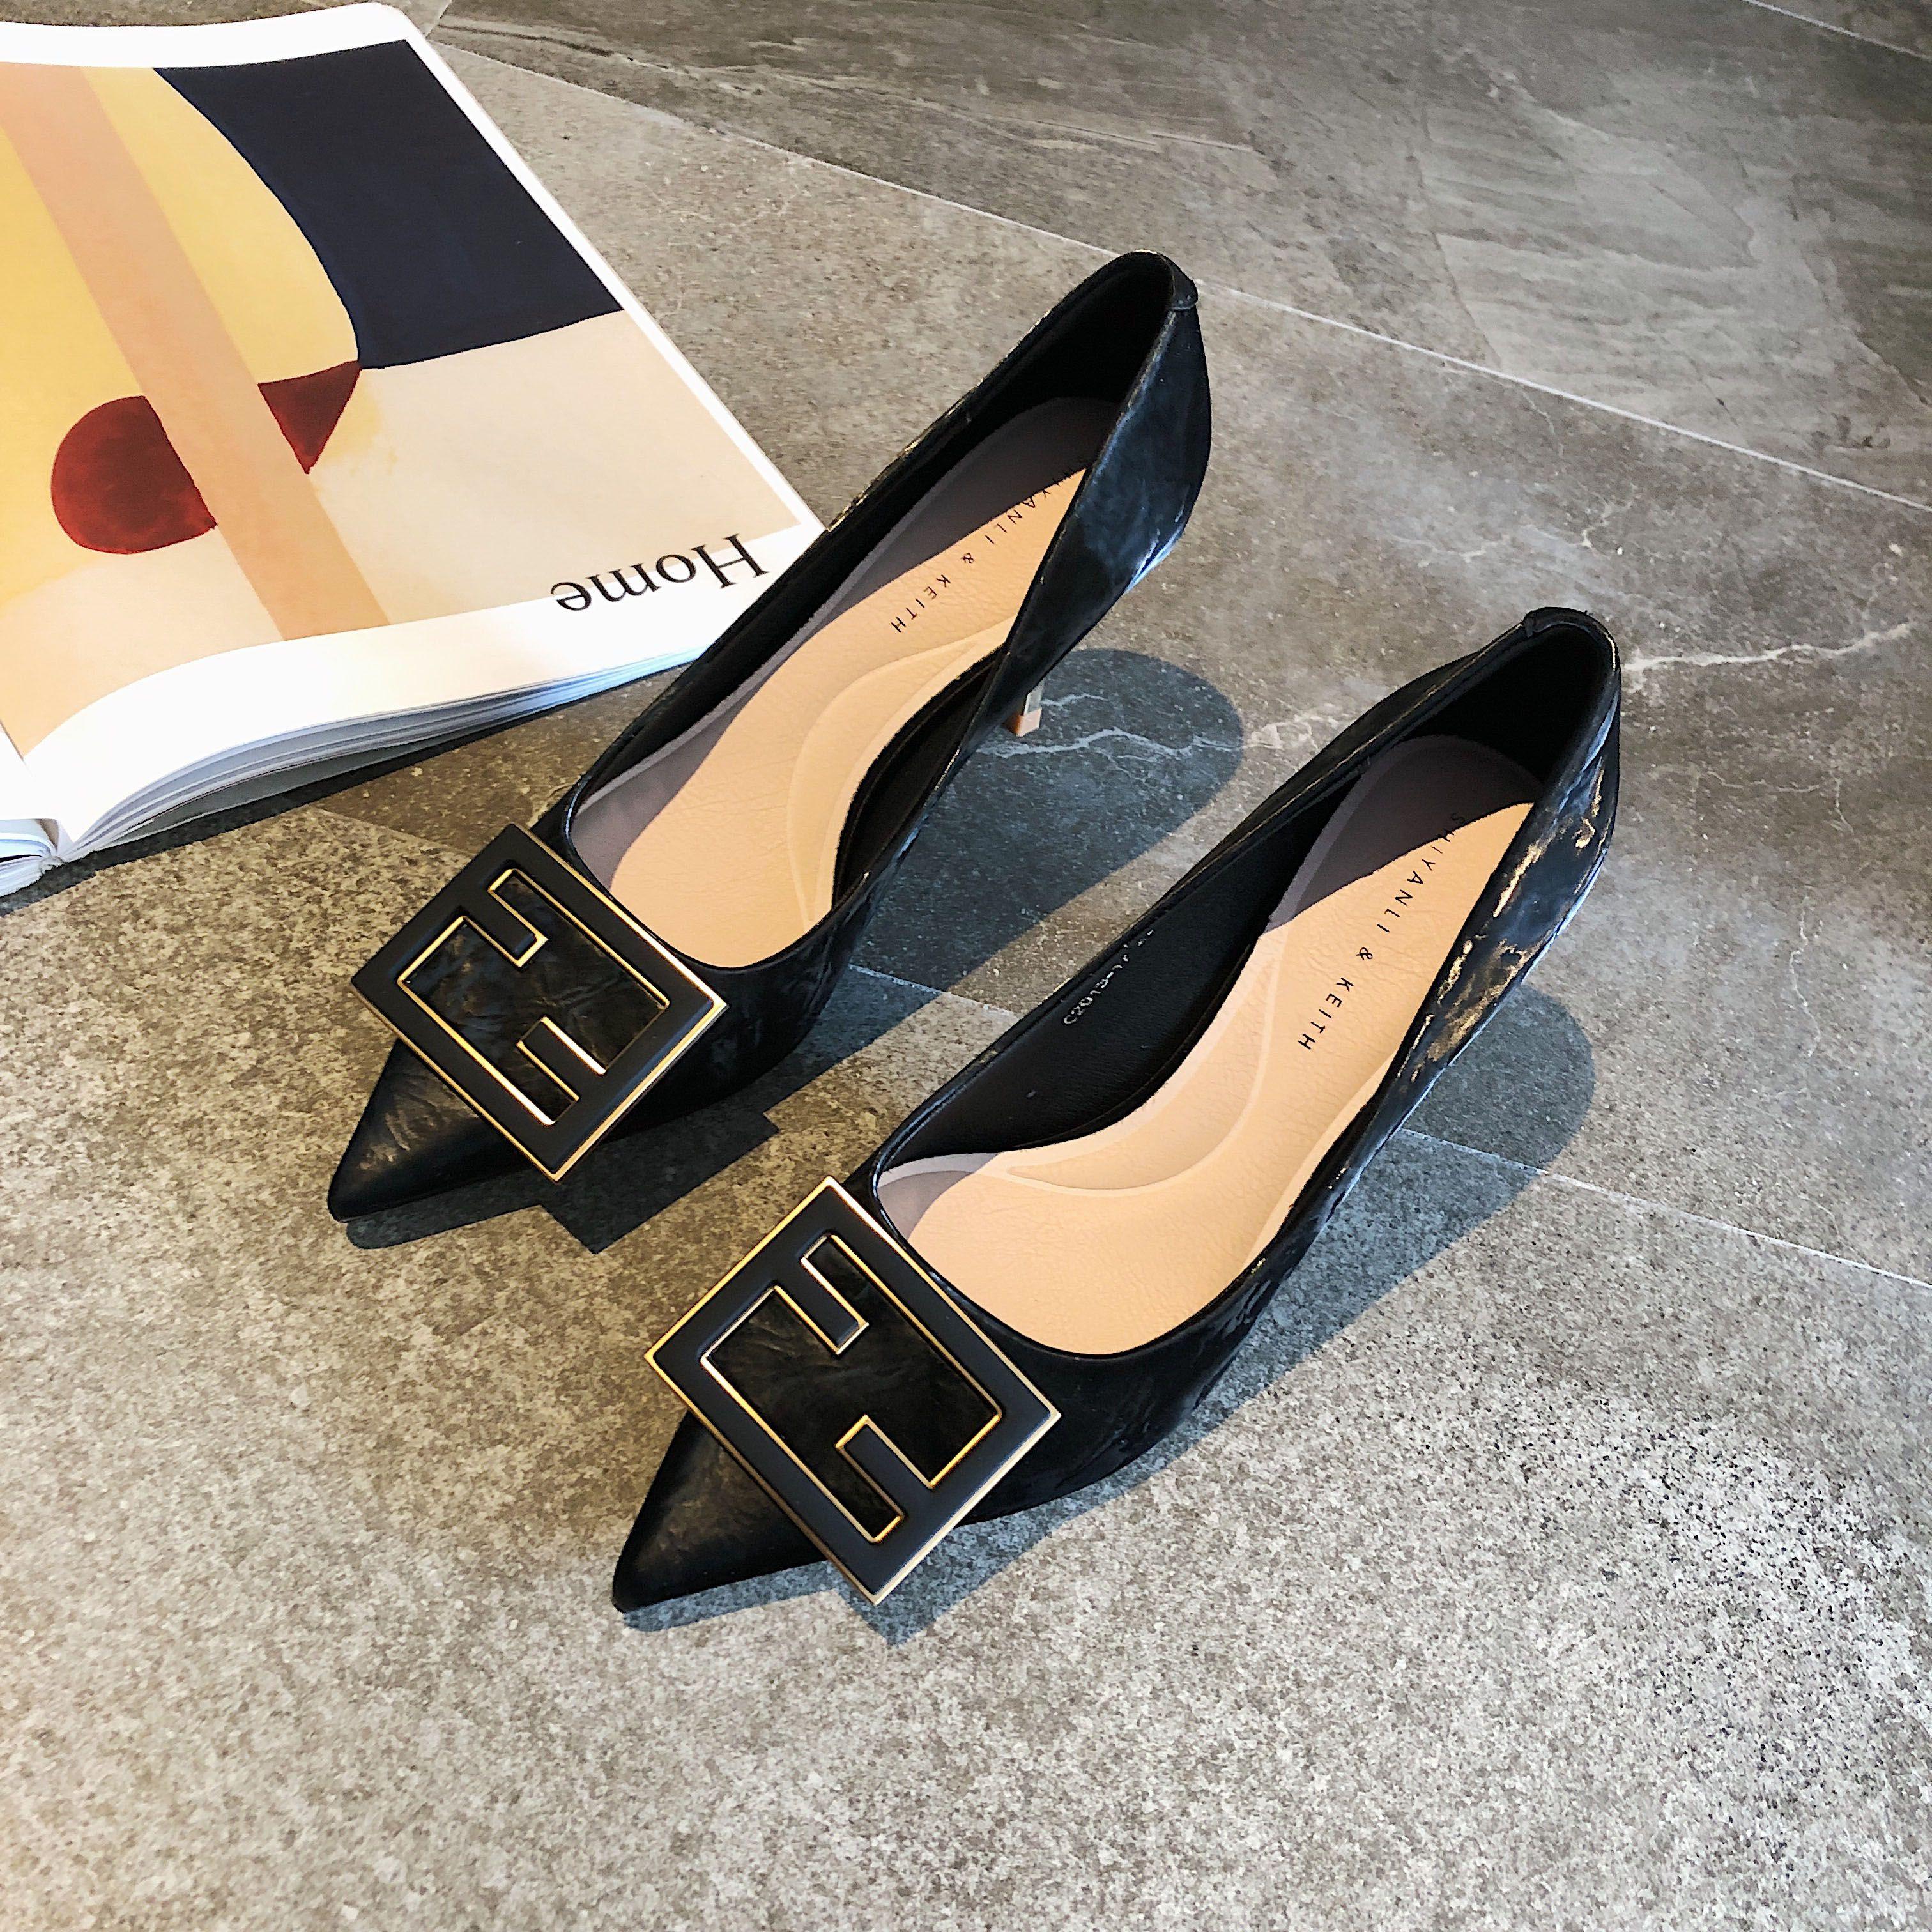 GEILIDAREN女鞋2020当季新款网红款百搭时尚女鞋 2013-17